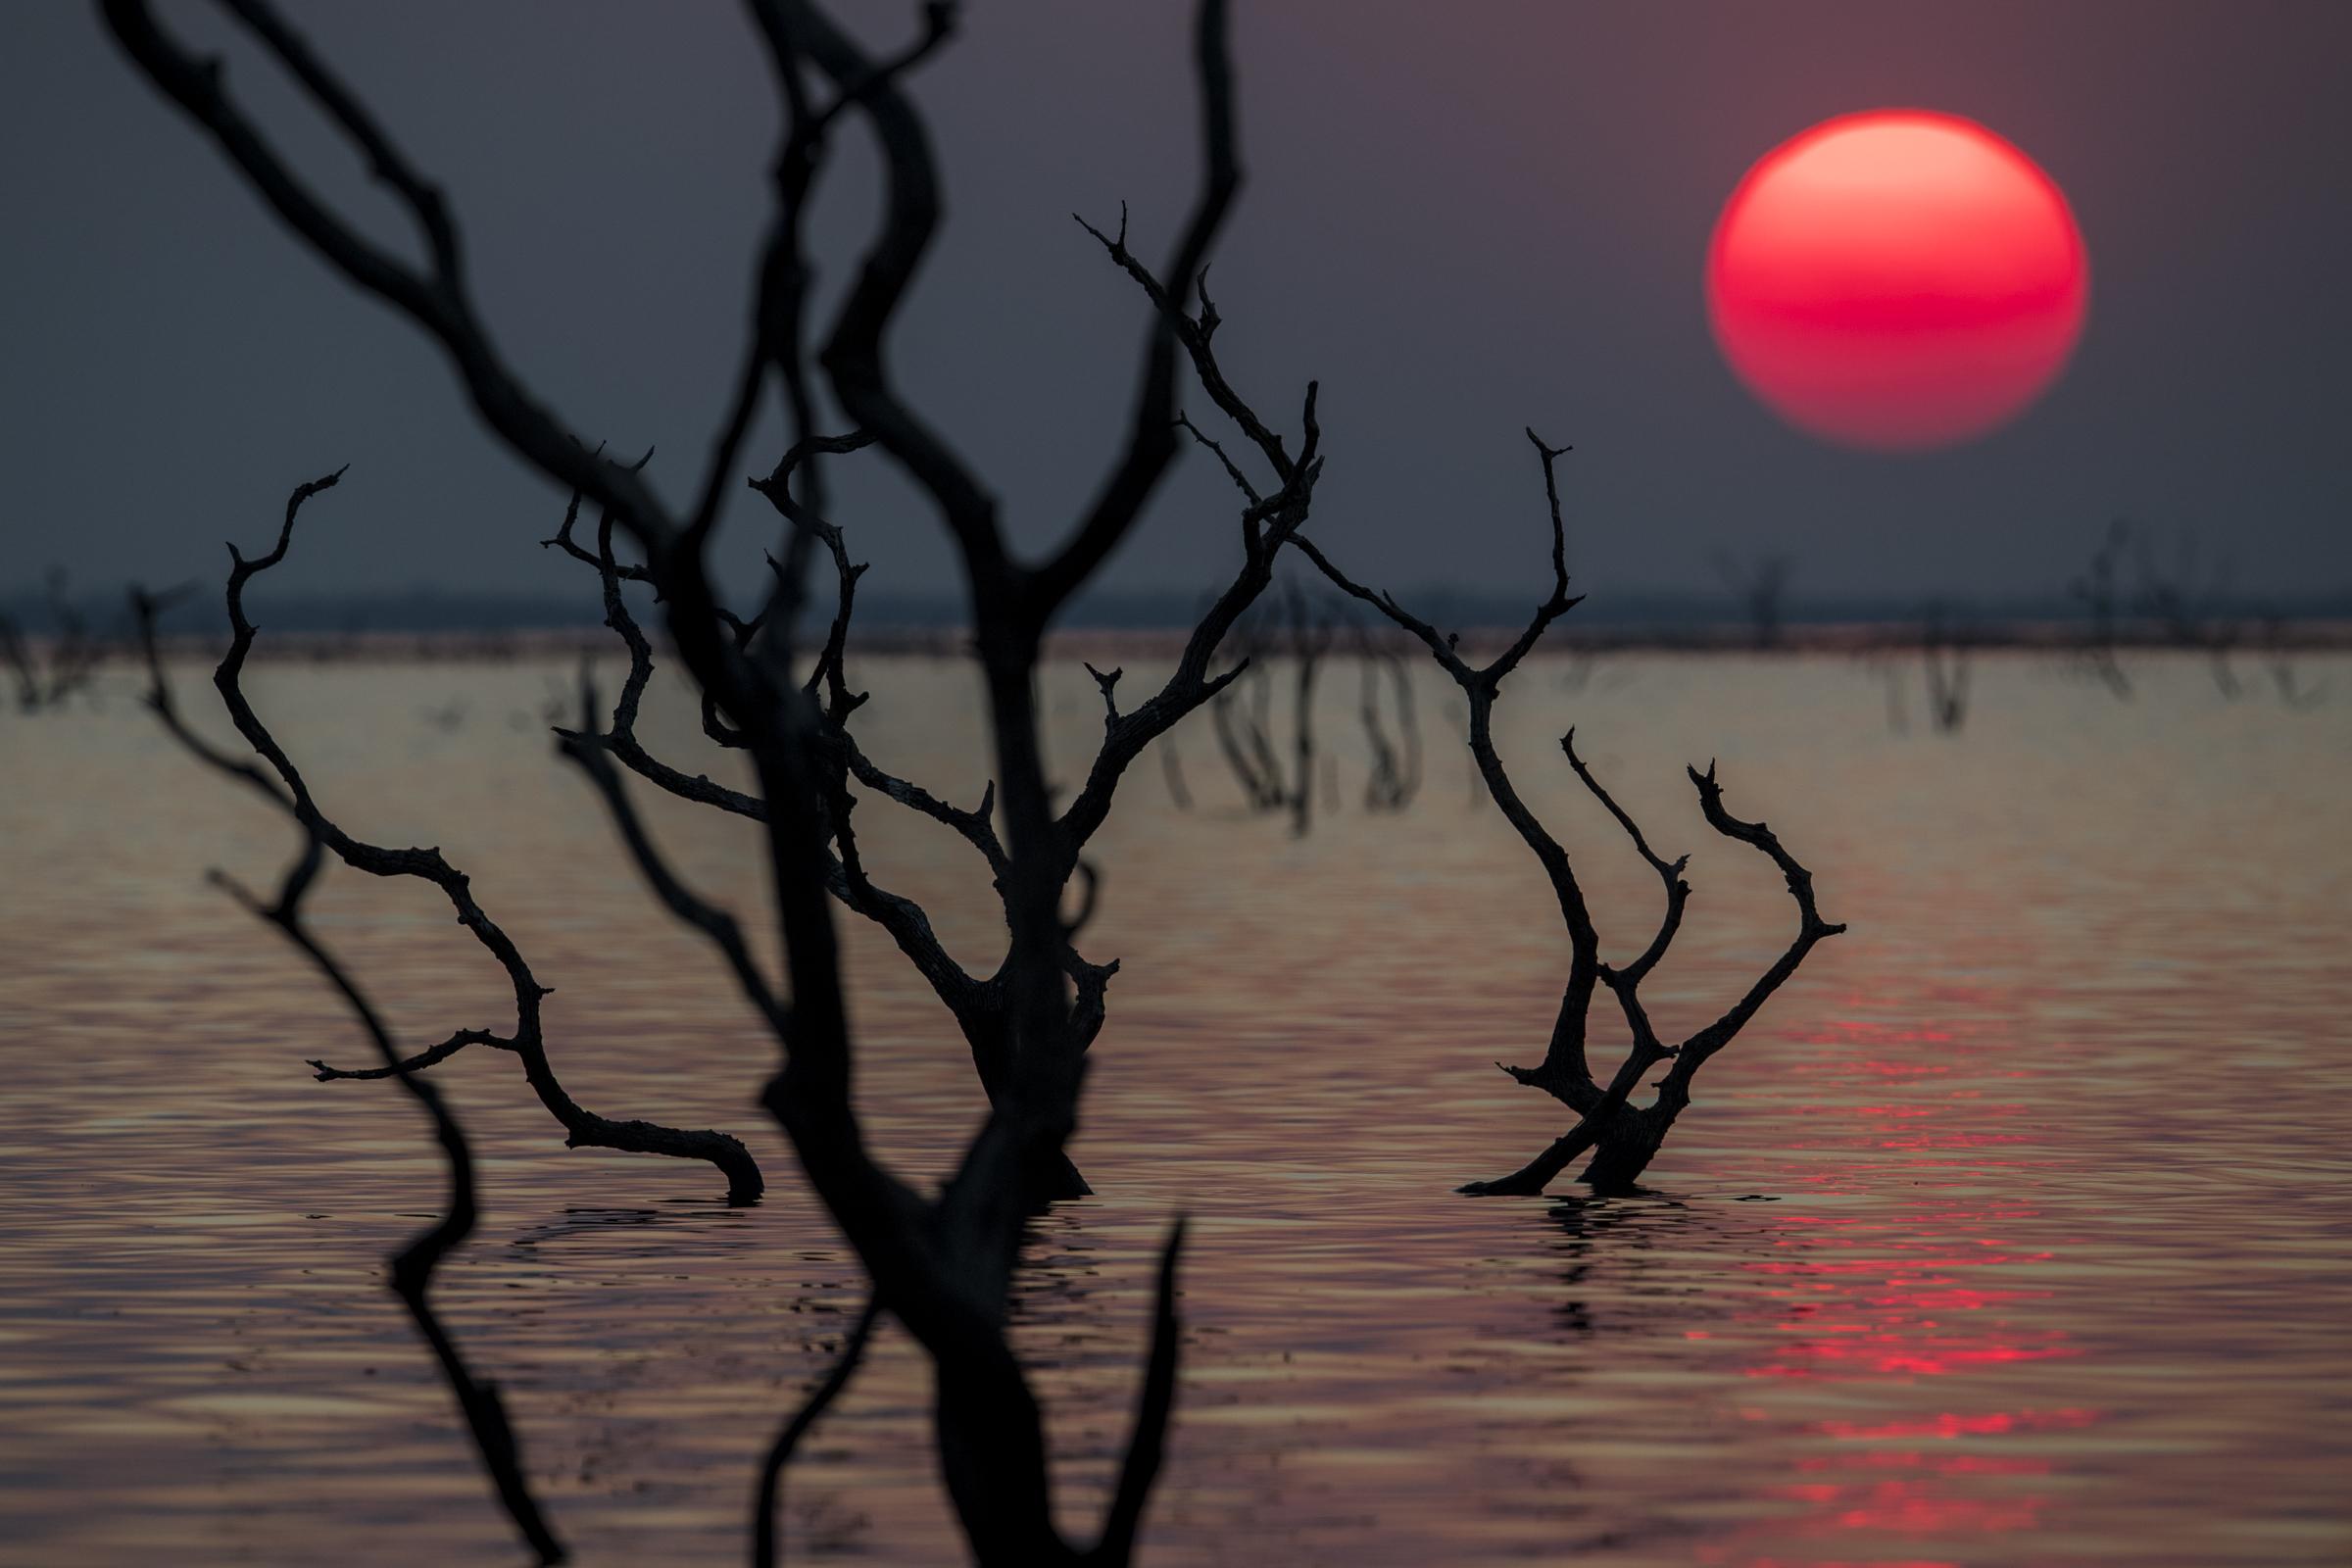 Neil Ever Osborne, After sunset on Itezhi-Tezhi Lake, October 10th, 2018